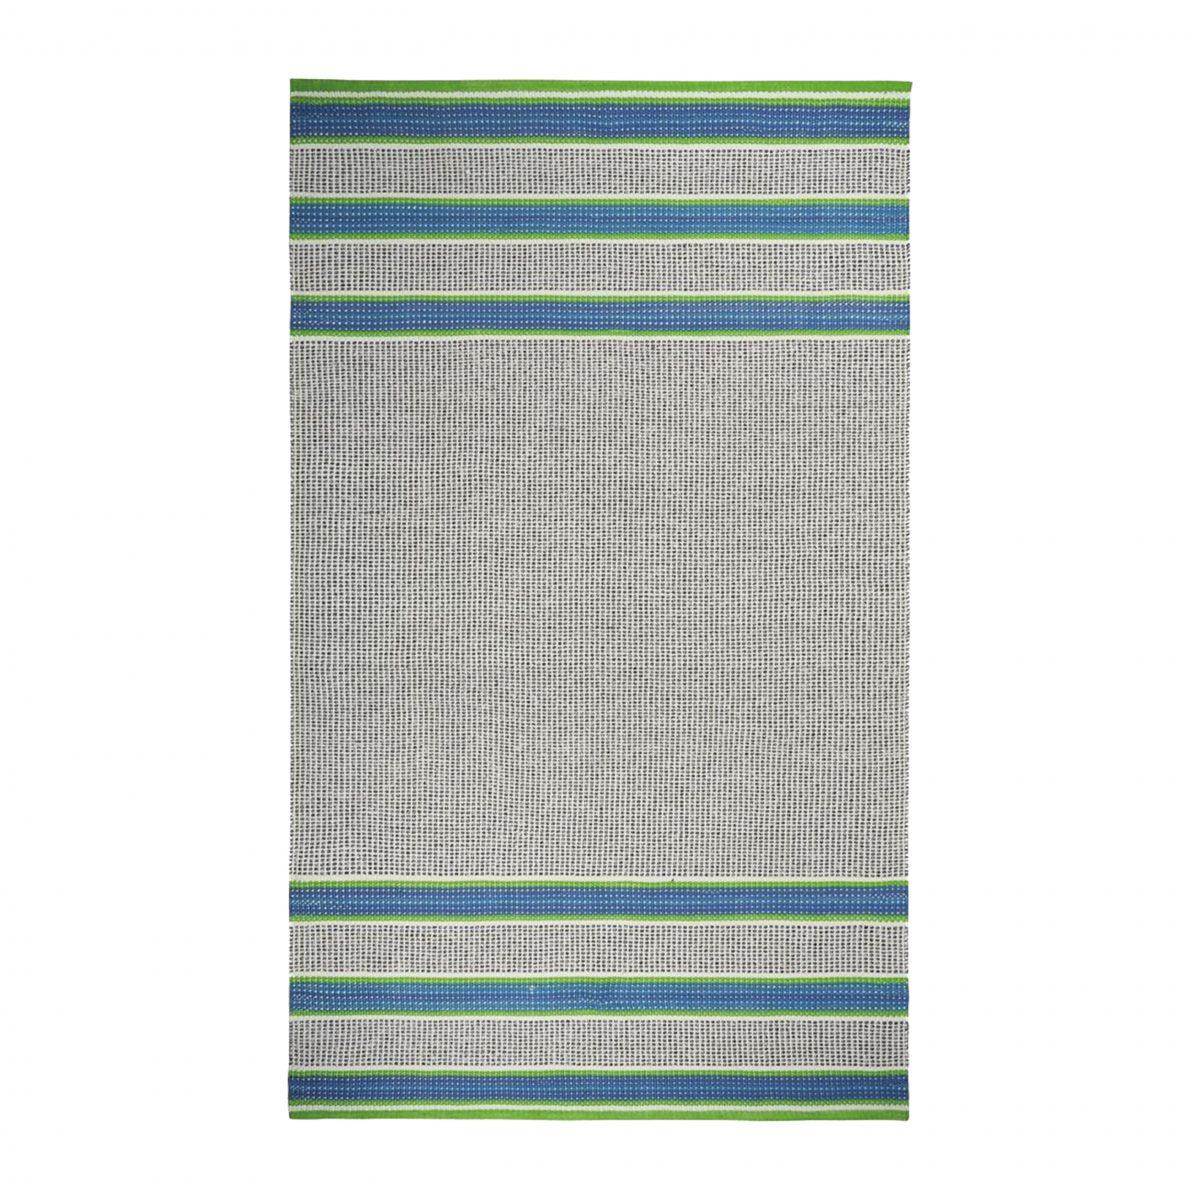 Buiten vloerkleed Pompano cobalt van Designers Guild, met horizontale blauwe en groene strepen